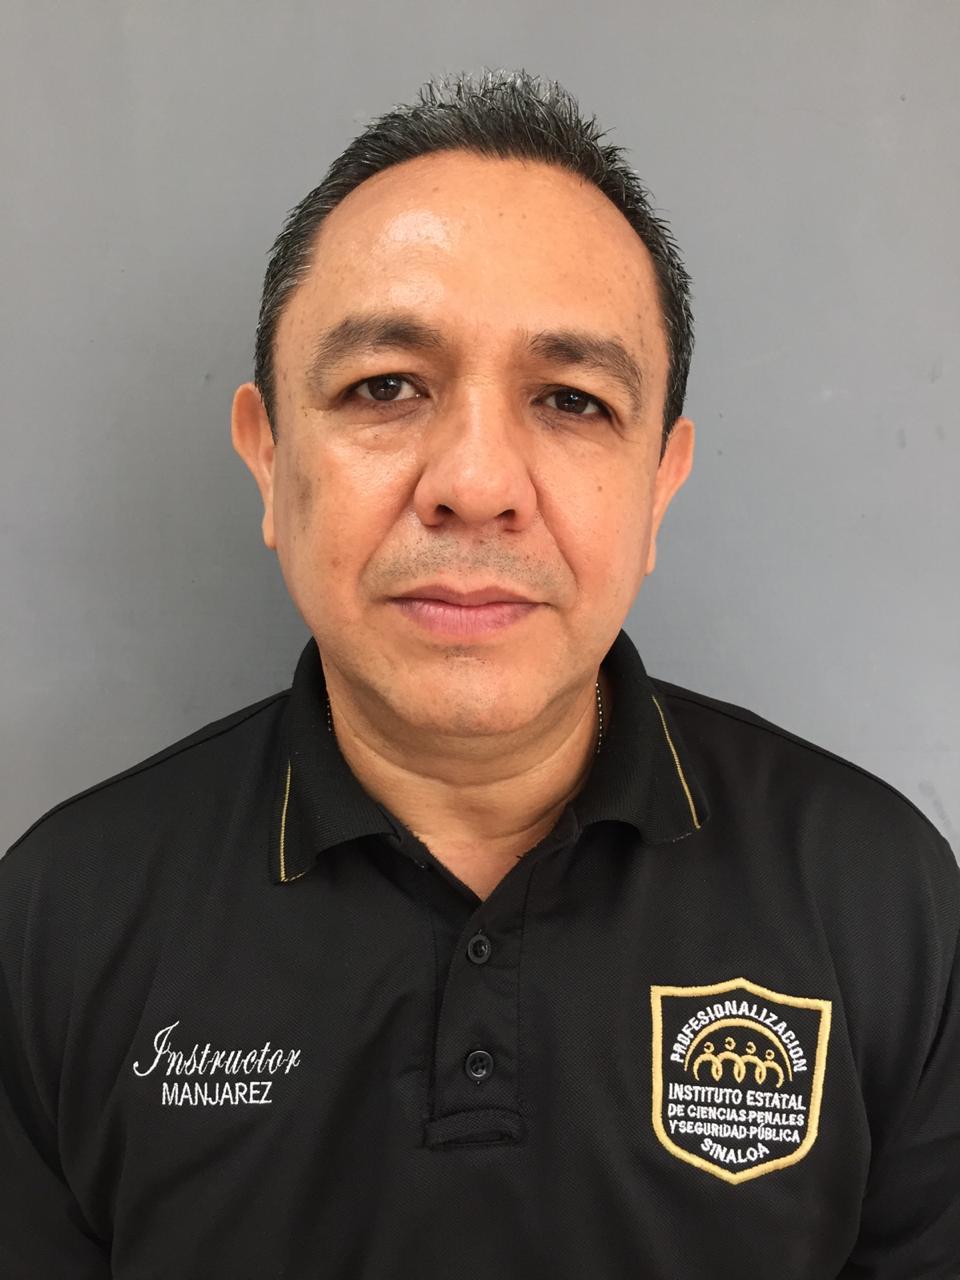 Rodrigo Manjarrez Félix